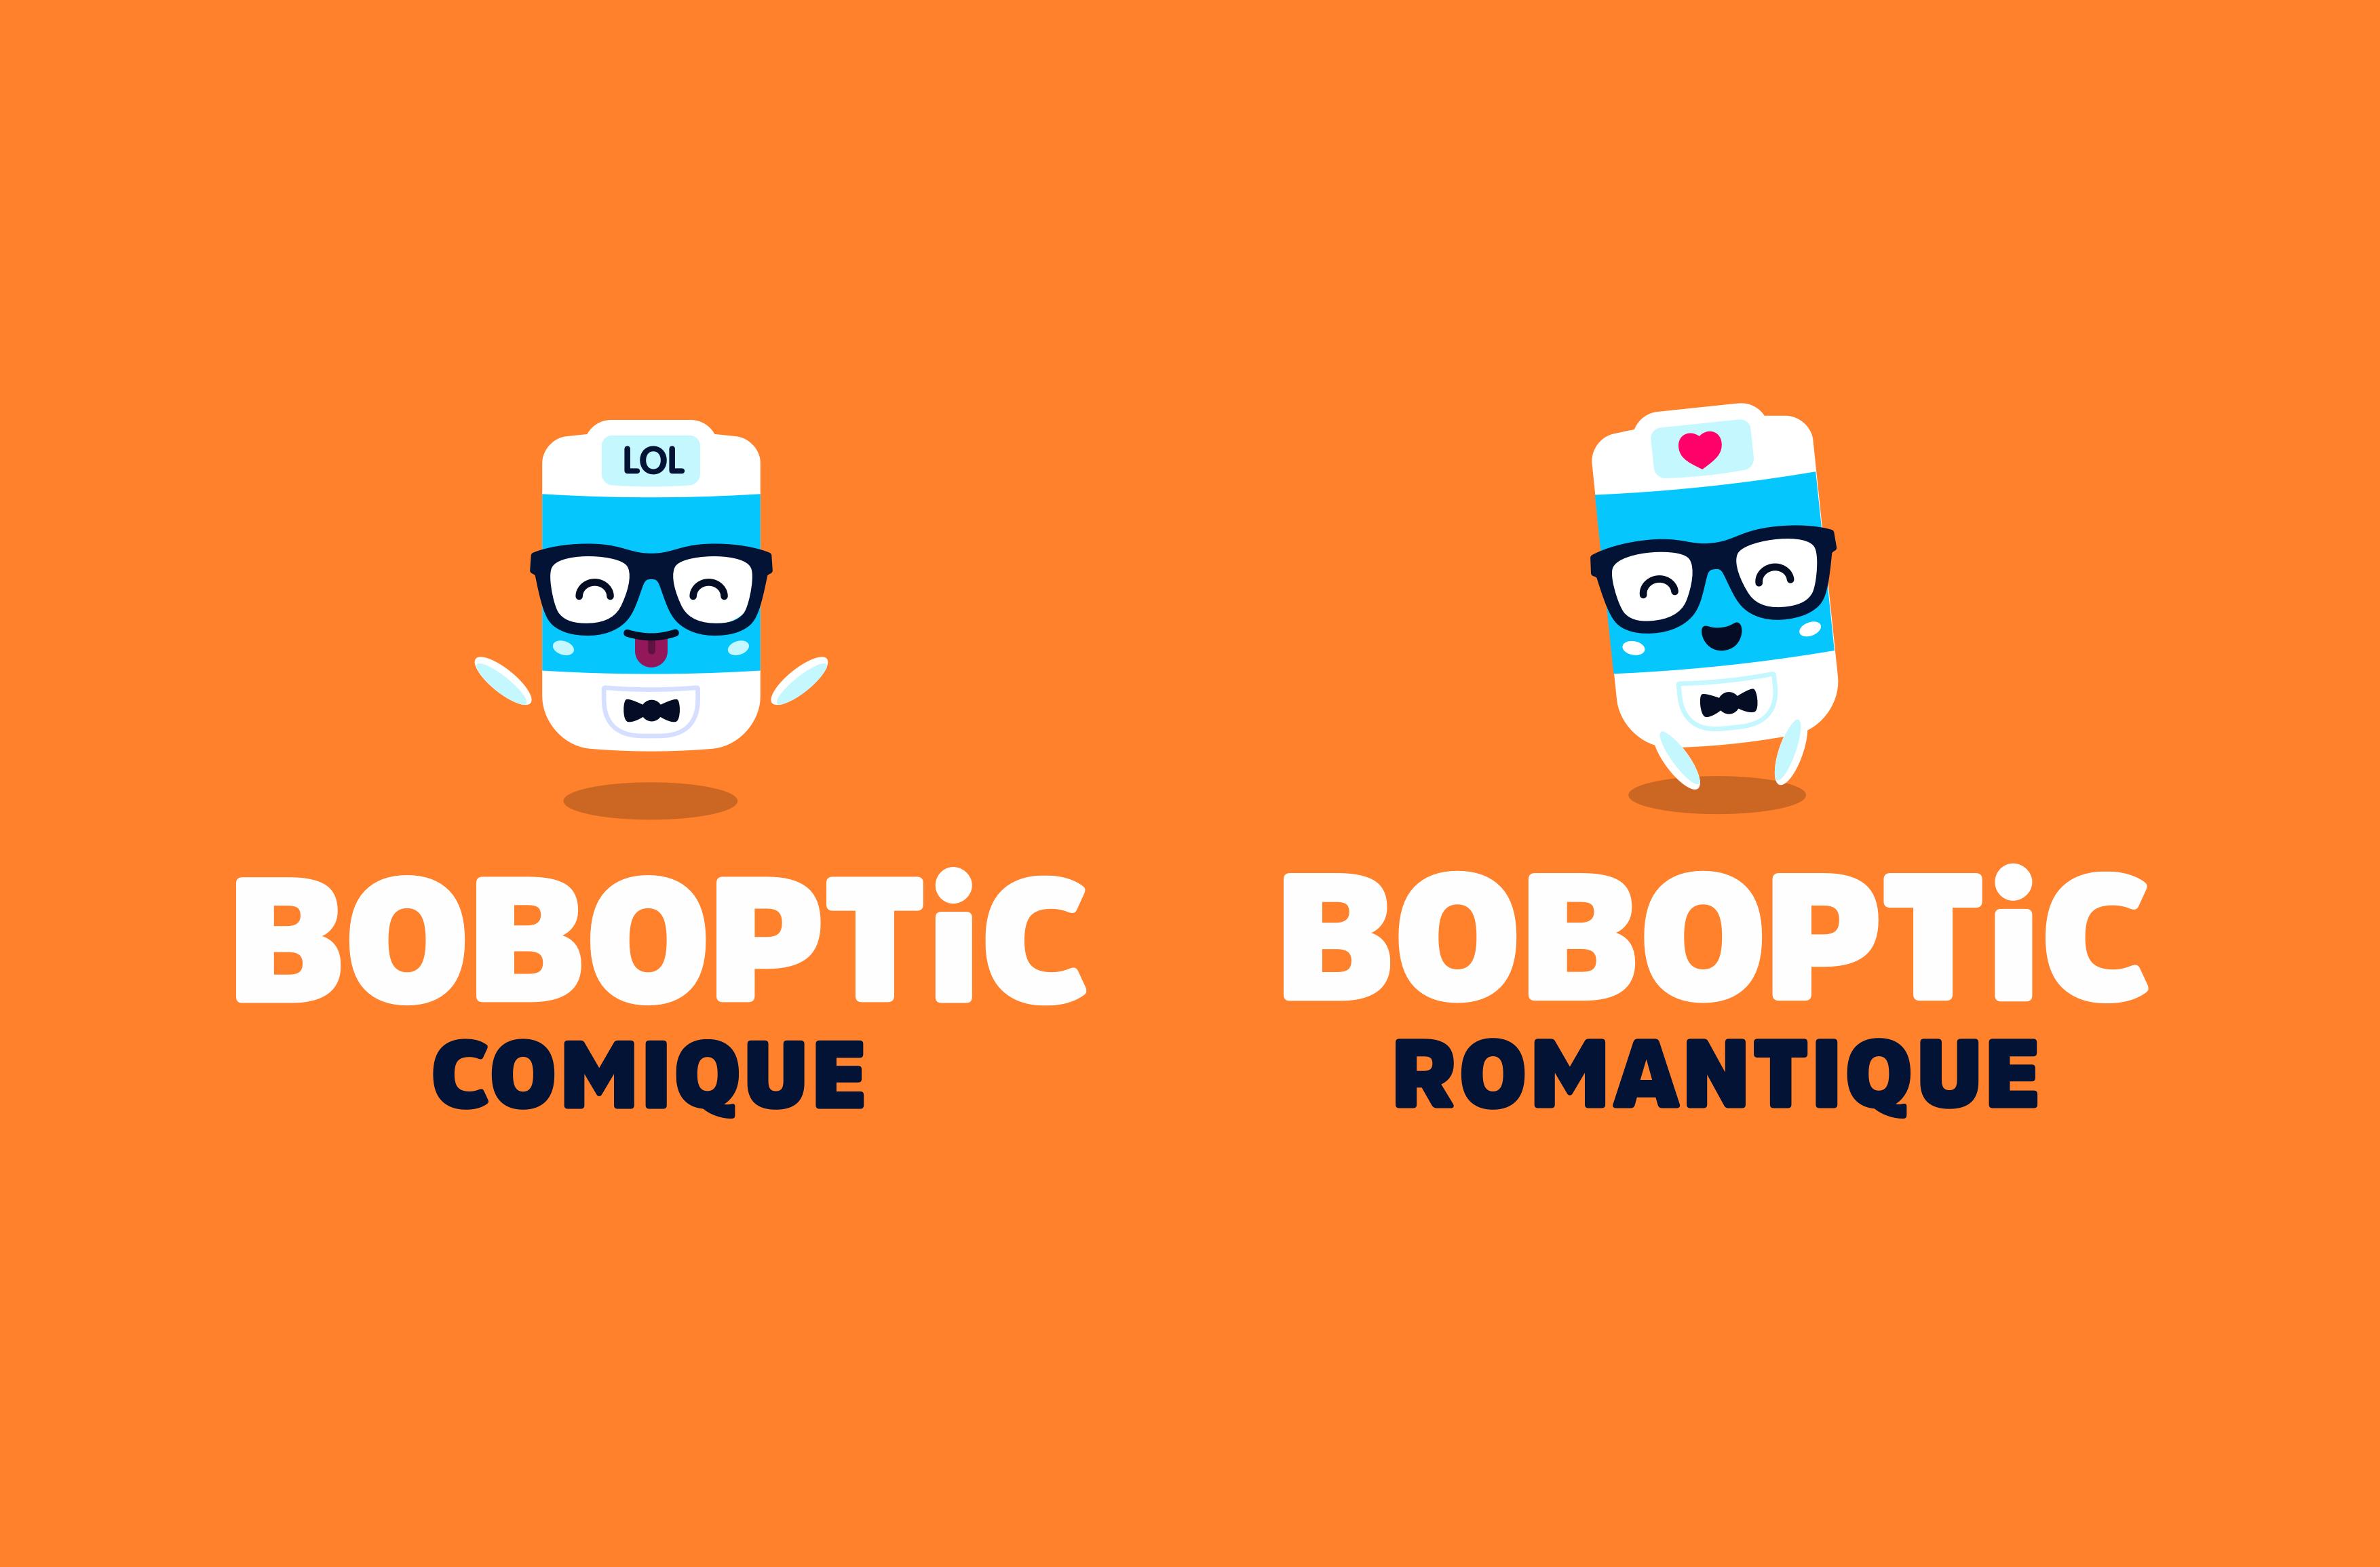 11 – Romantiqueboboptic